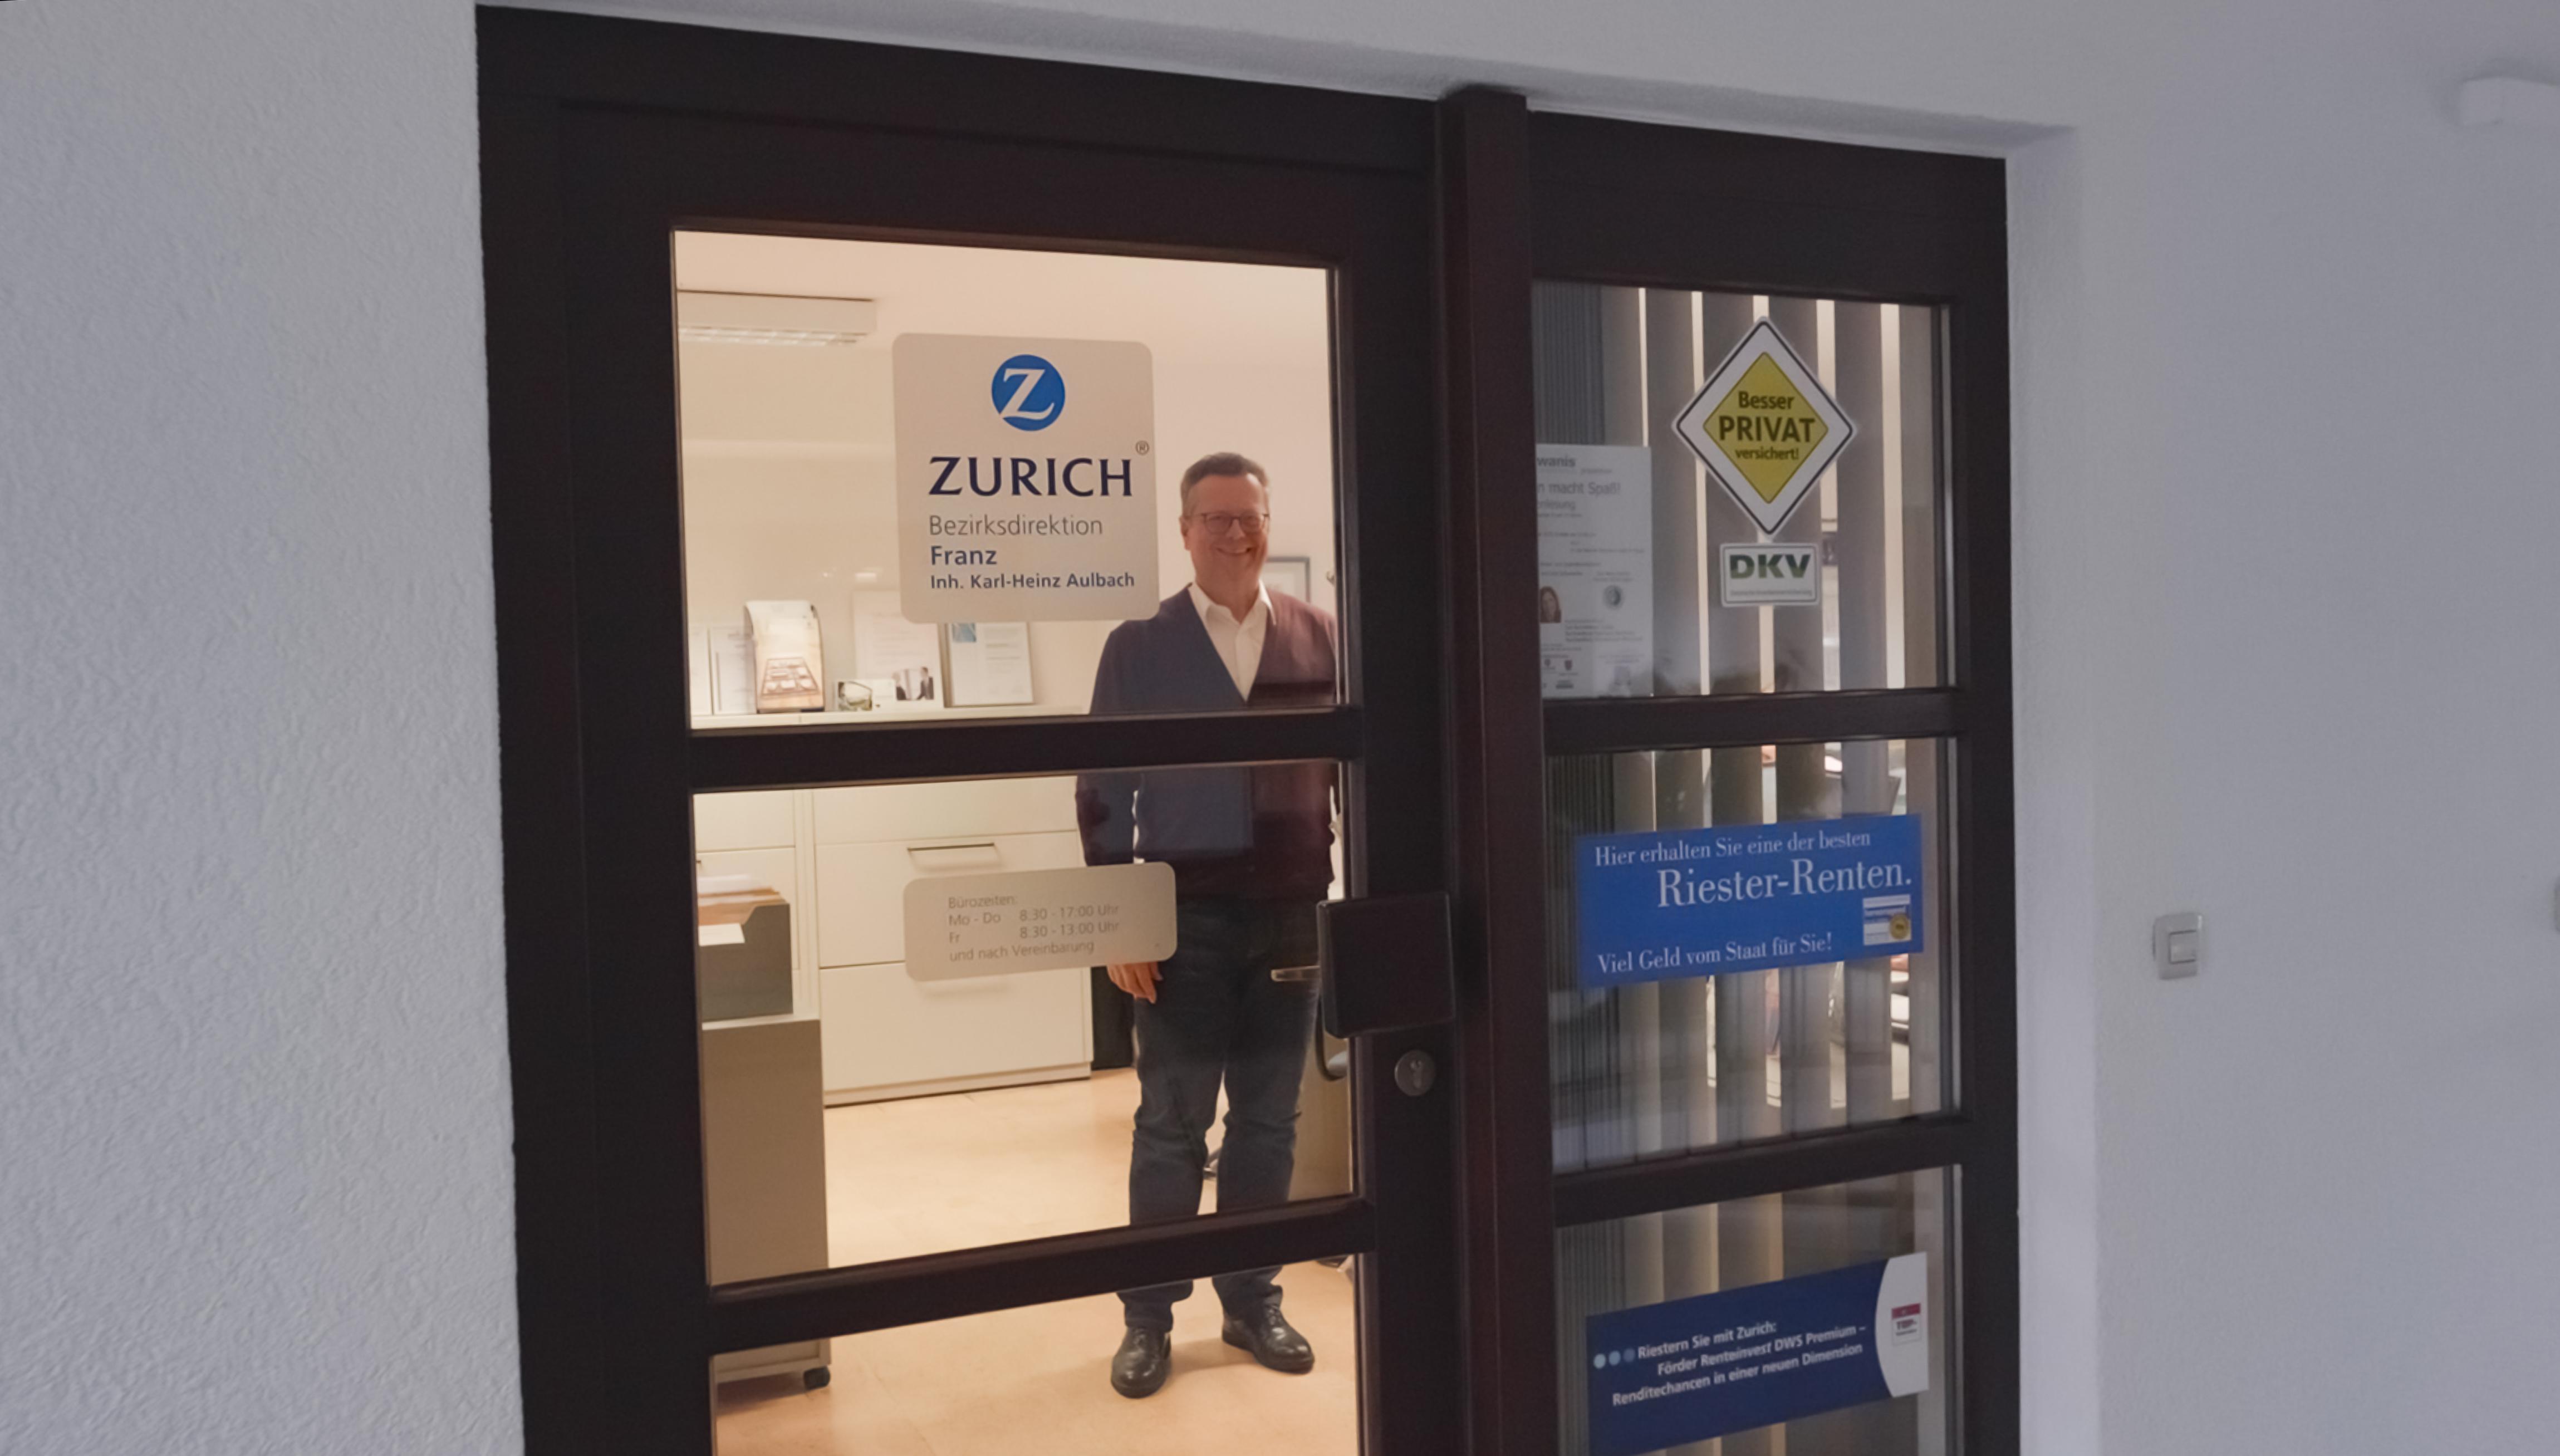 Zurich Bezirksdirektion Franz